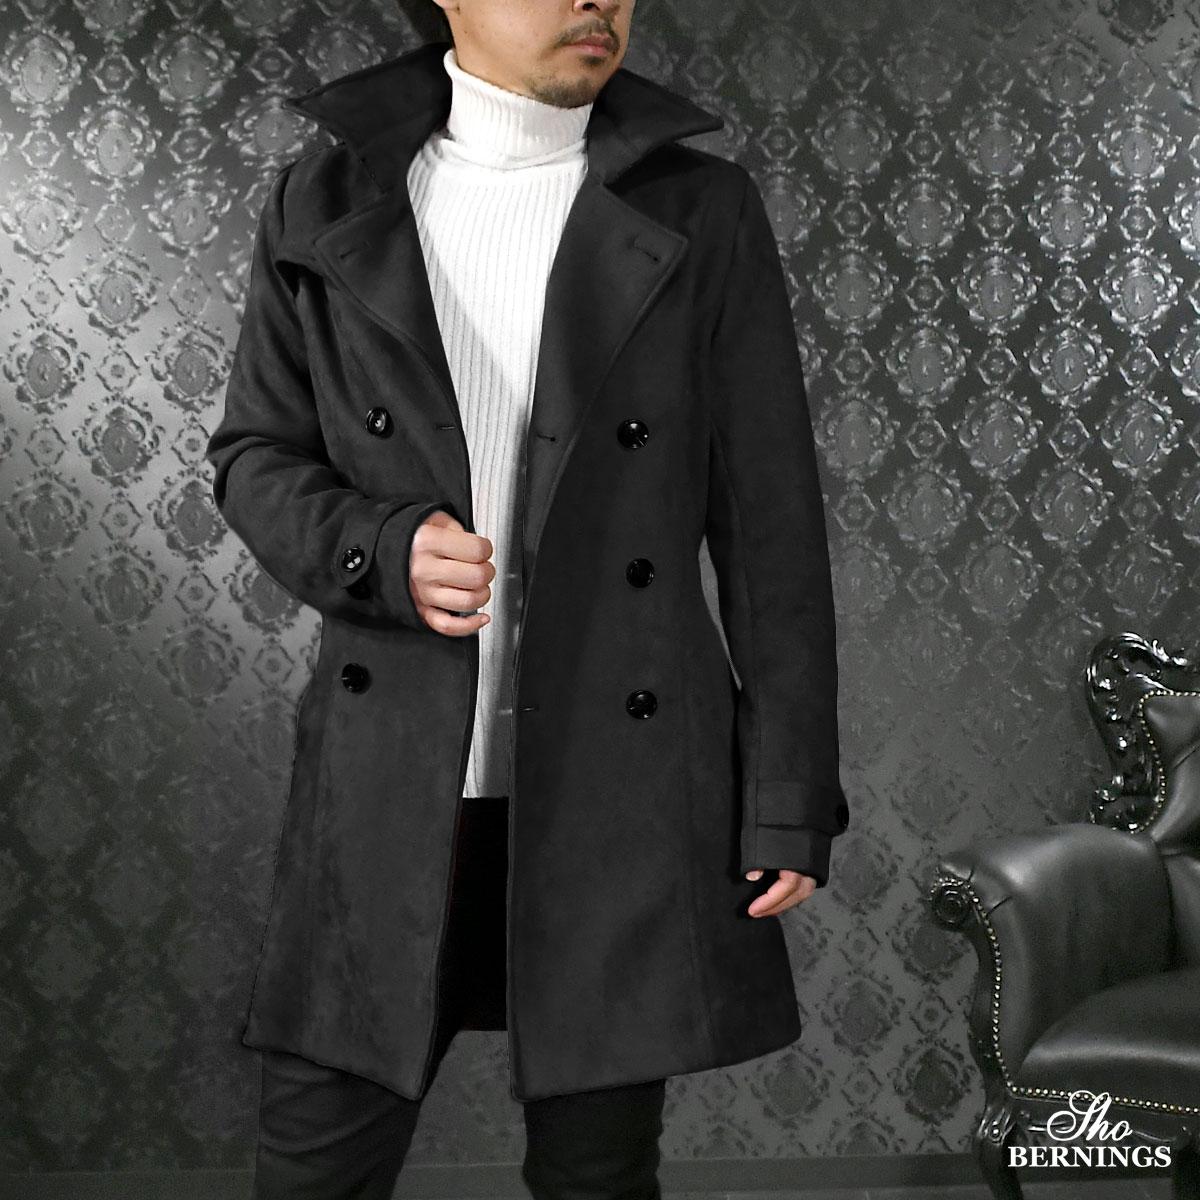 トレンチコート フェイクスウェード メンズ ロング丈 ダブル ロングコート mens(ブラック黒)